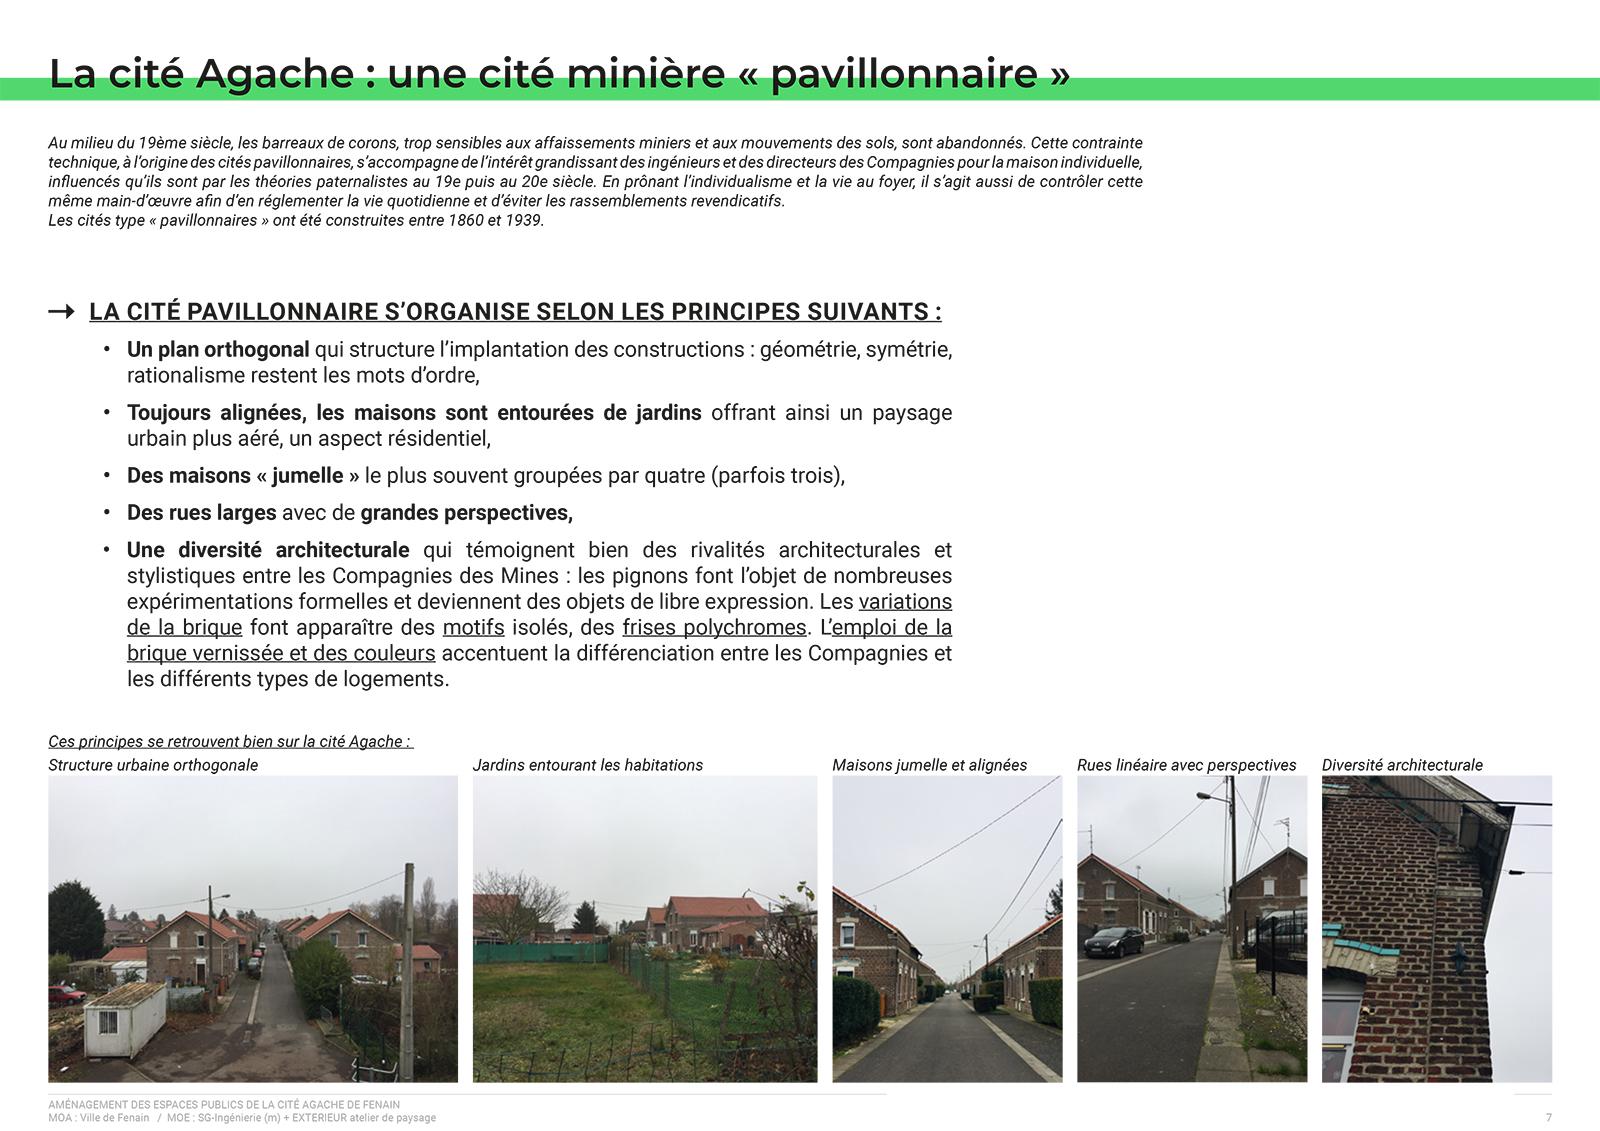 Extrait du dossier de présentation de l'avant projet (AVP) - Organisation de la Cité Agache